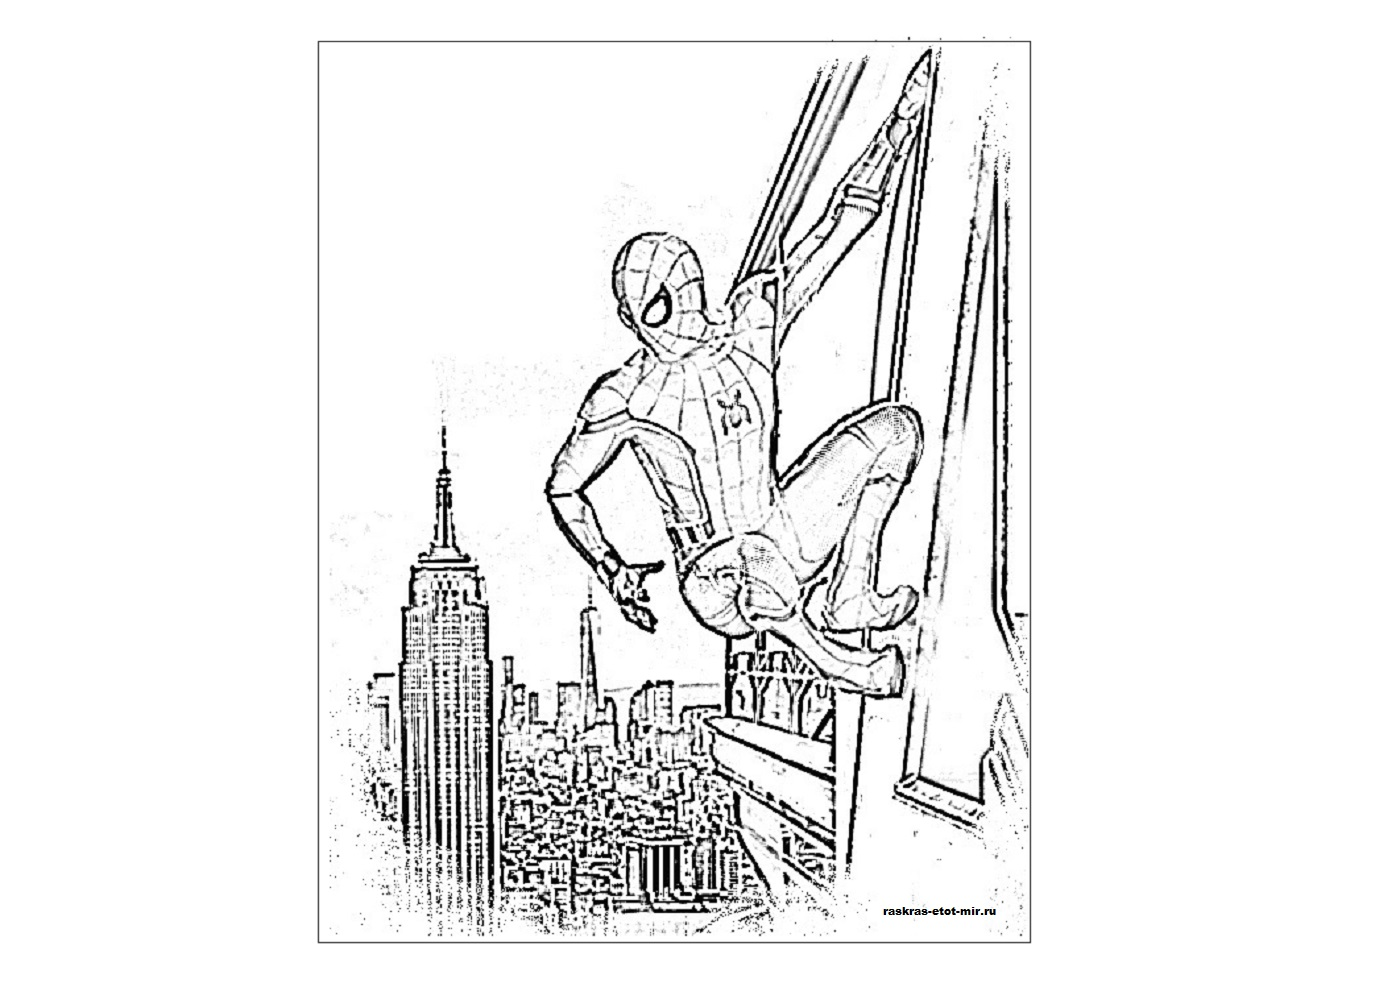 скачать бесплатно раскраски человека паука